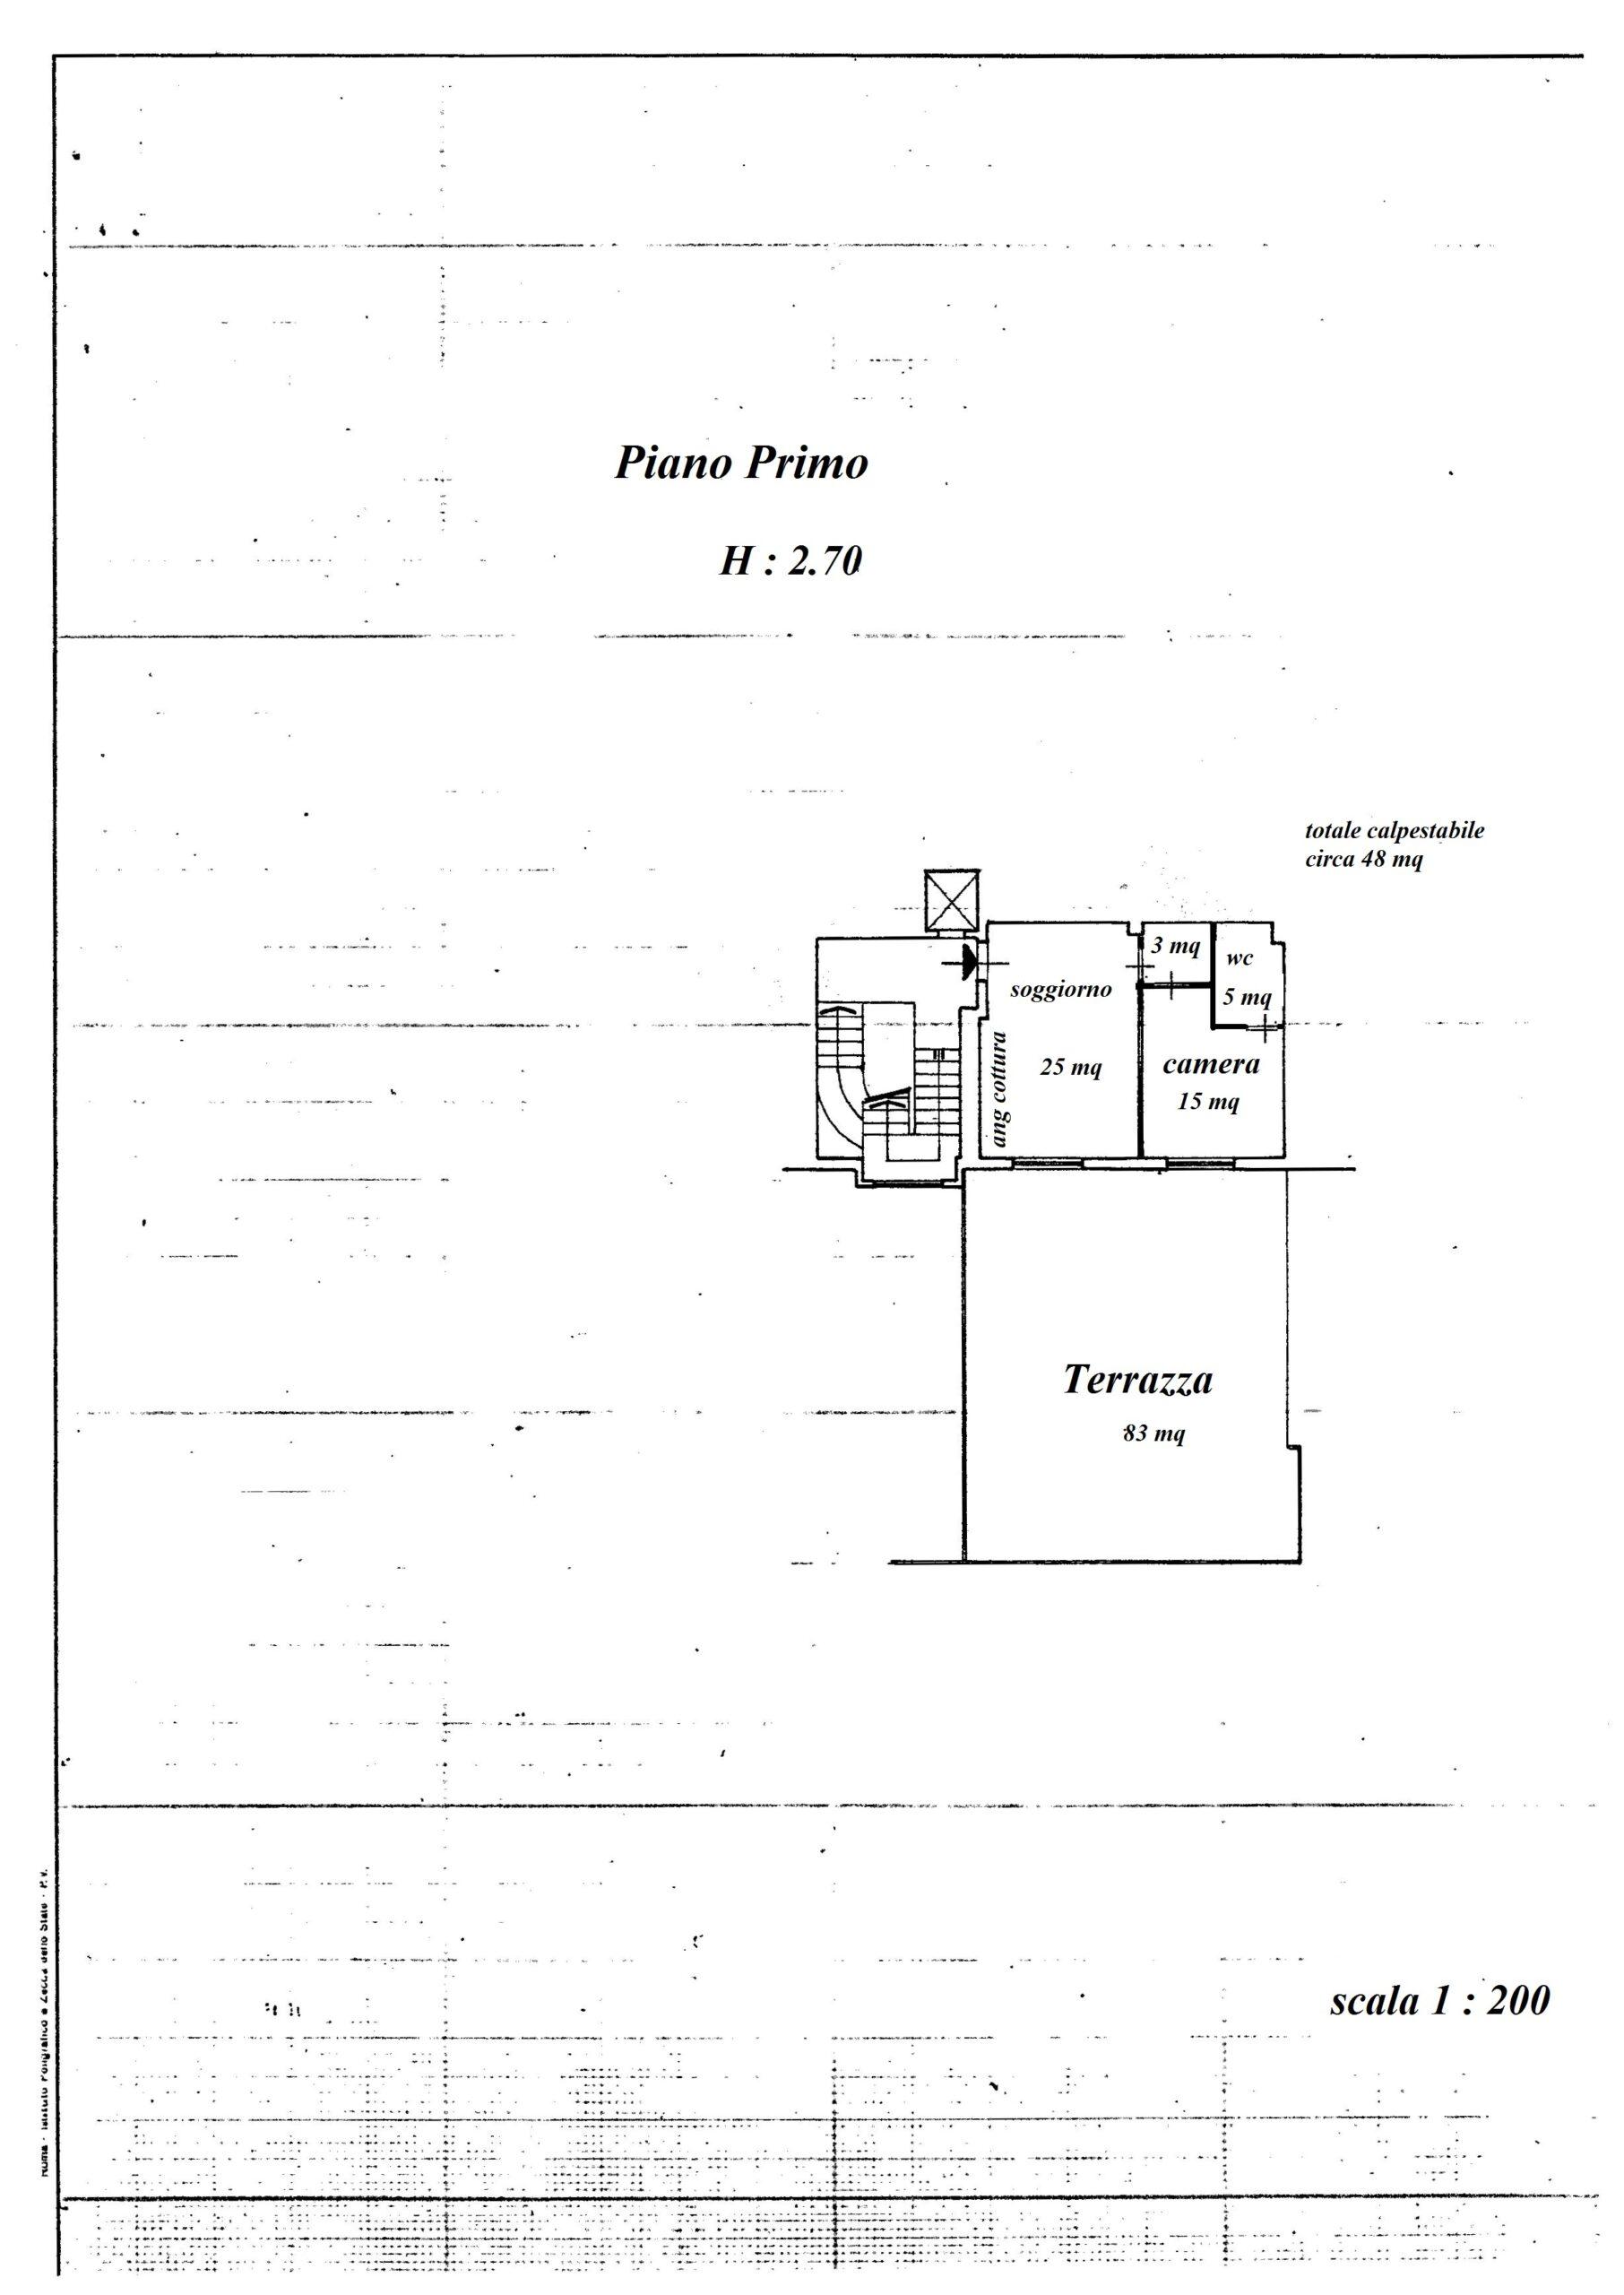 Planimetria appartamento con ipotesi di cambio d'uso in abitativo